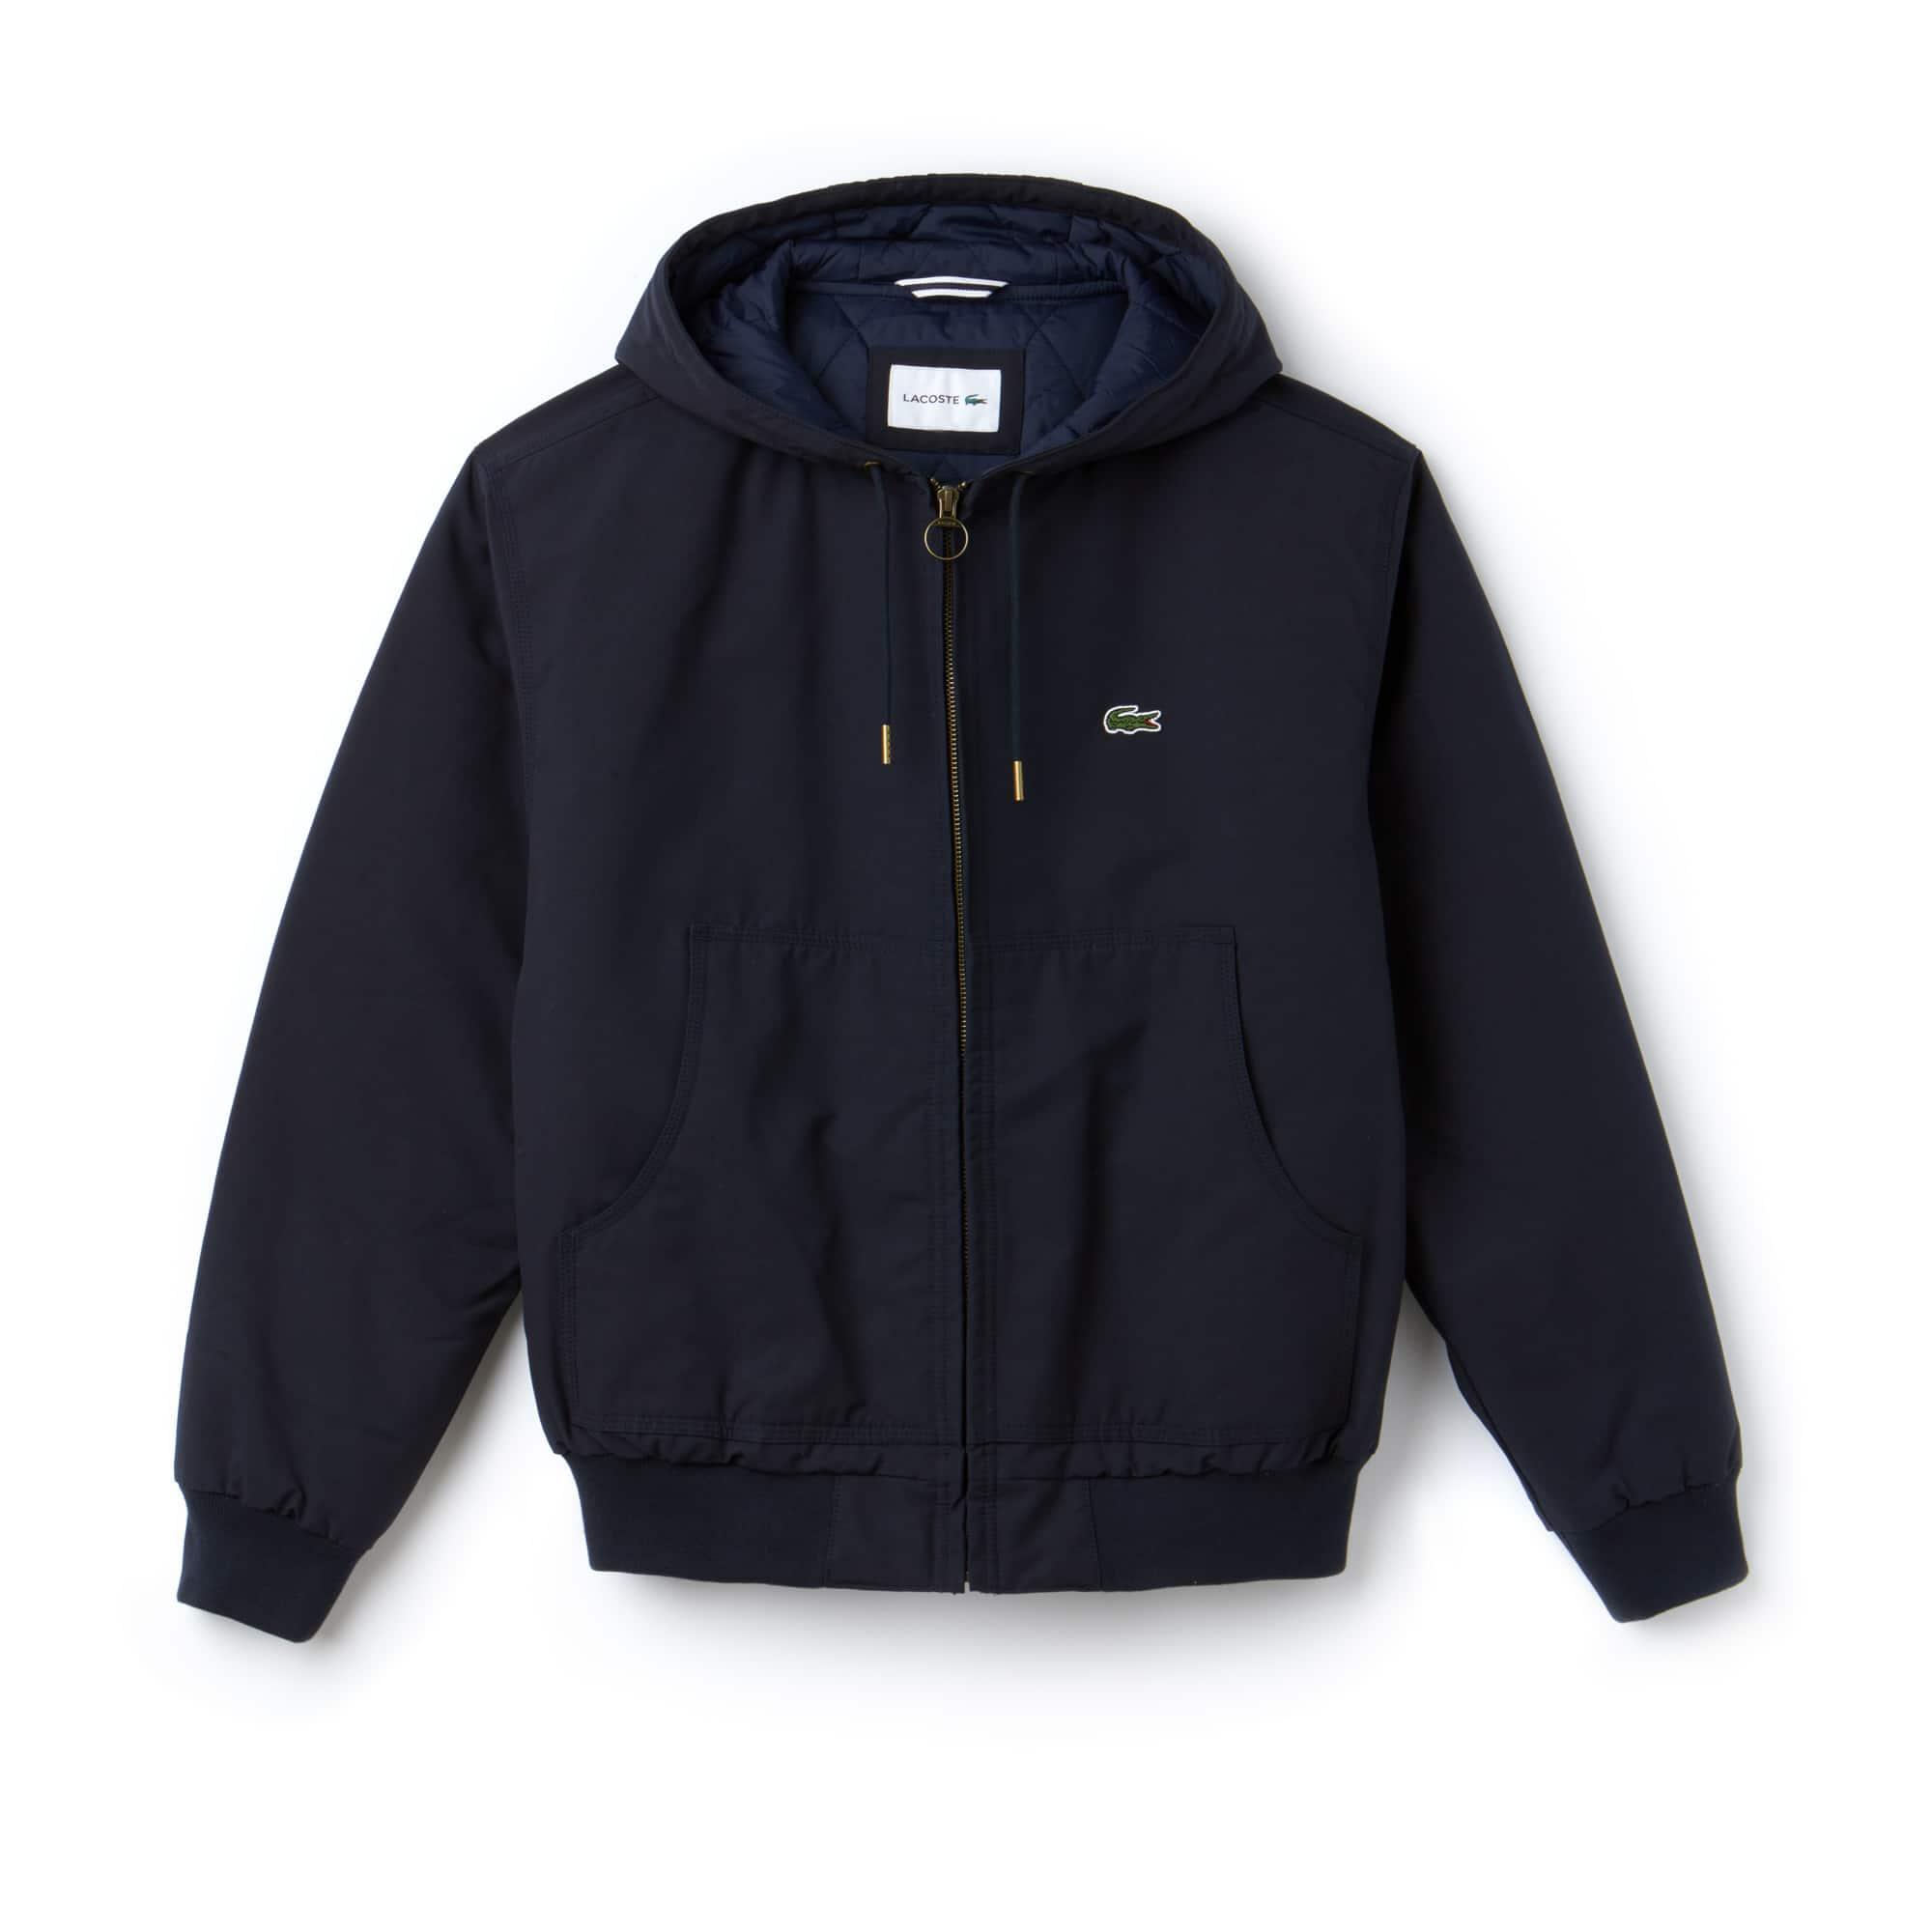 男式短款连帽拉链绗缝棉斜纹夹克